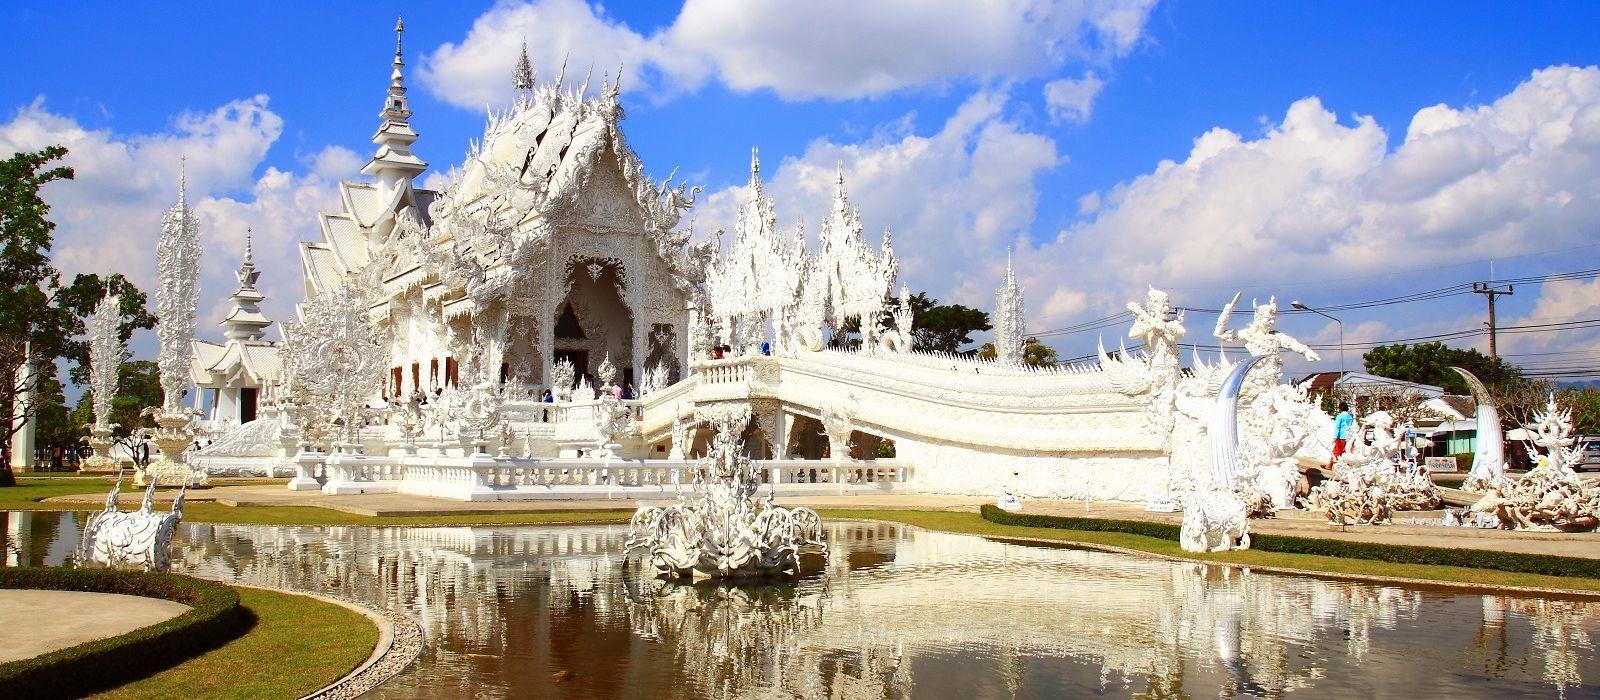 Secret Thailand Last Minute Special Tour Trip 3